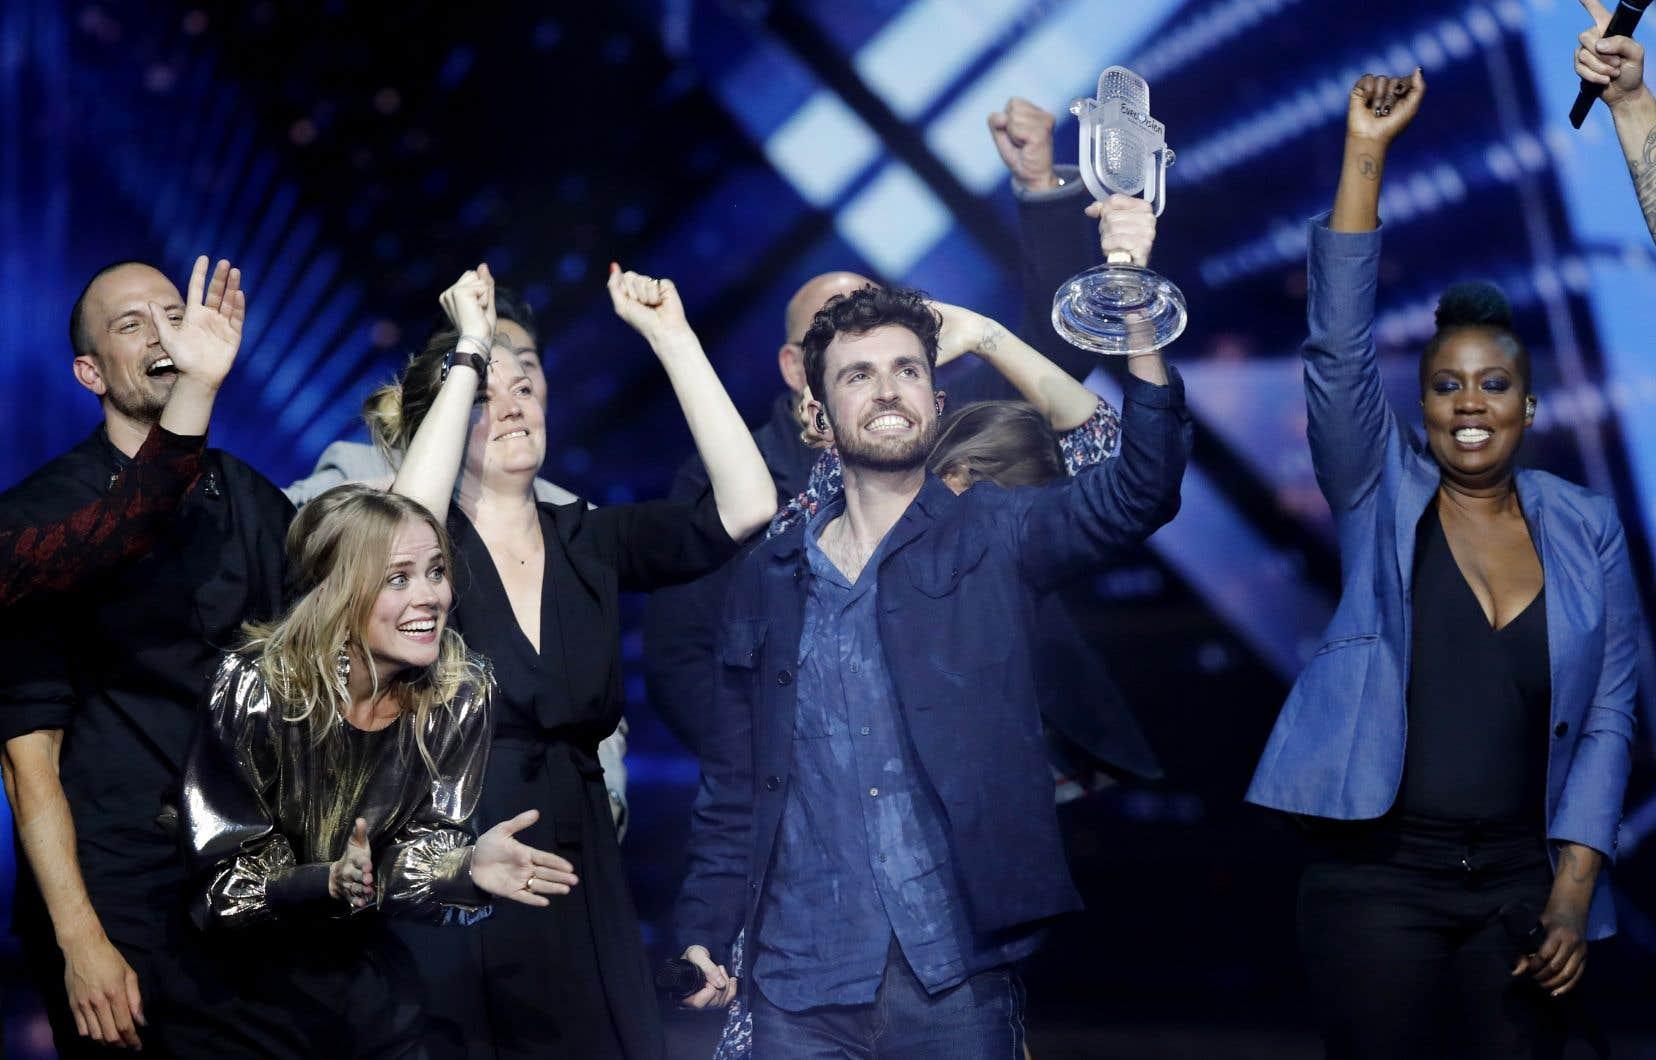 Le chanteur néerlandais âgé de 25ans, a remporté la victoire grâce au vote populaire, obtenant 492points.